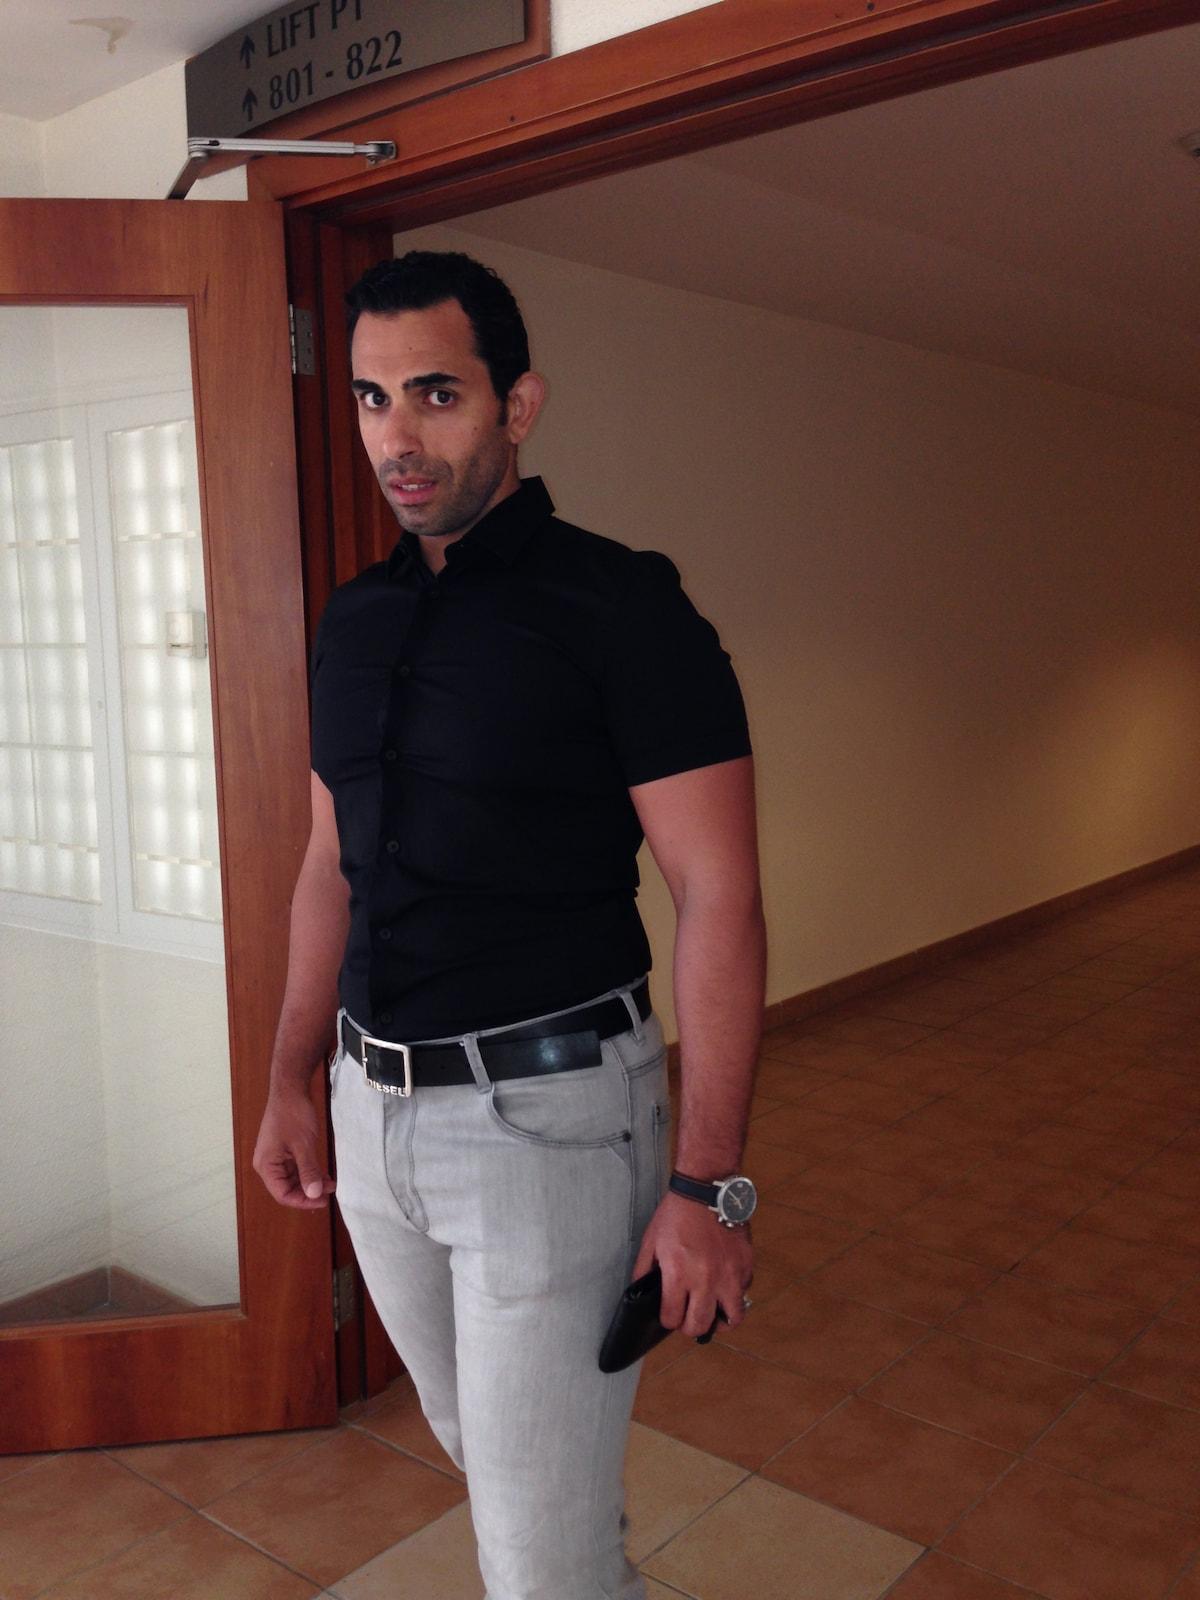 Mohamed from Toronto